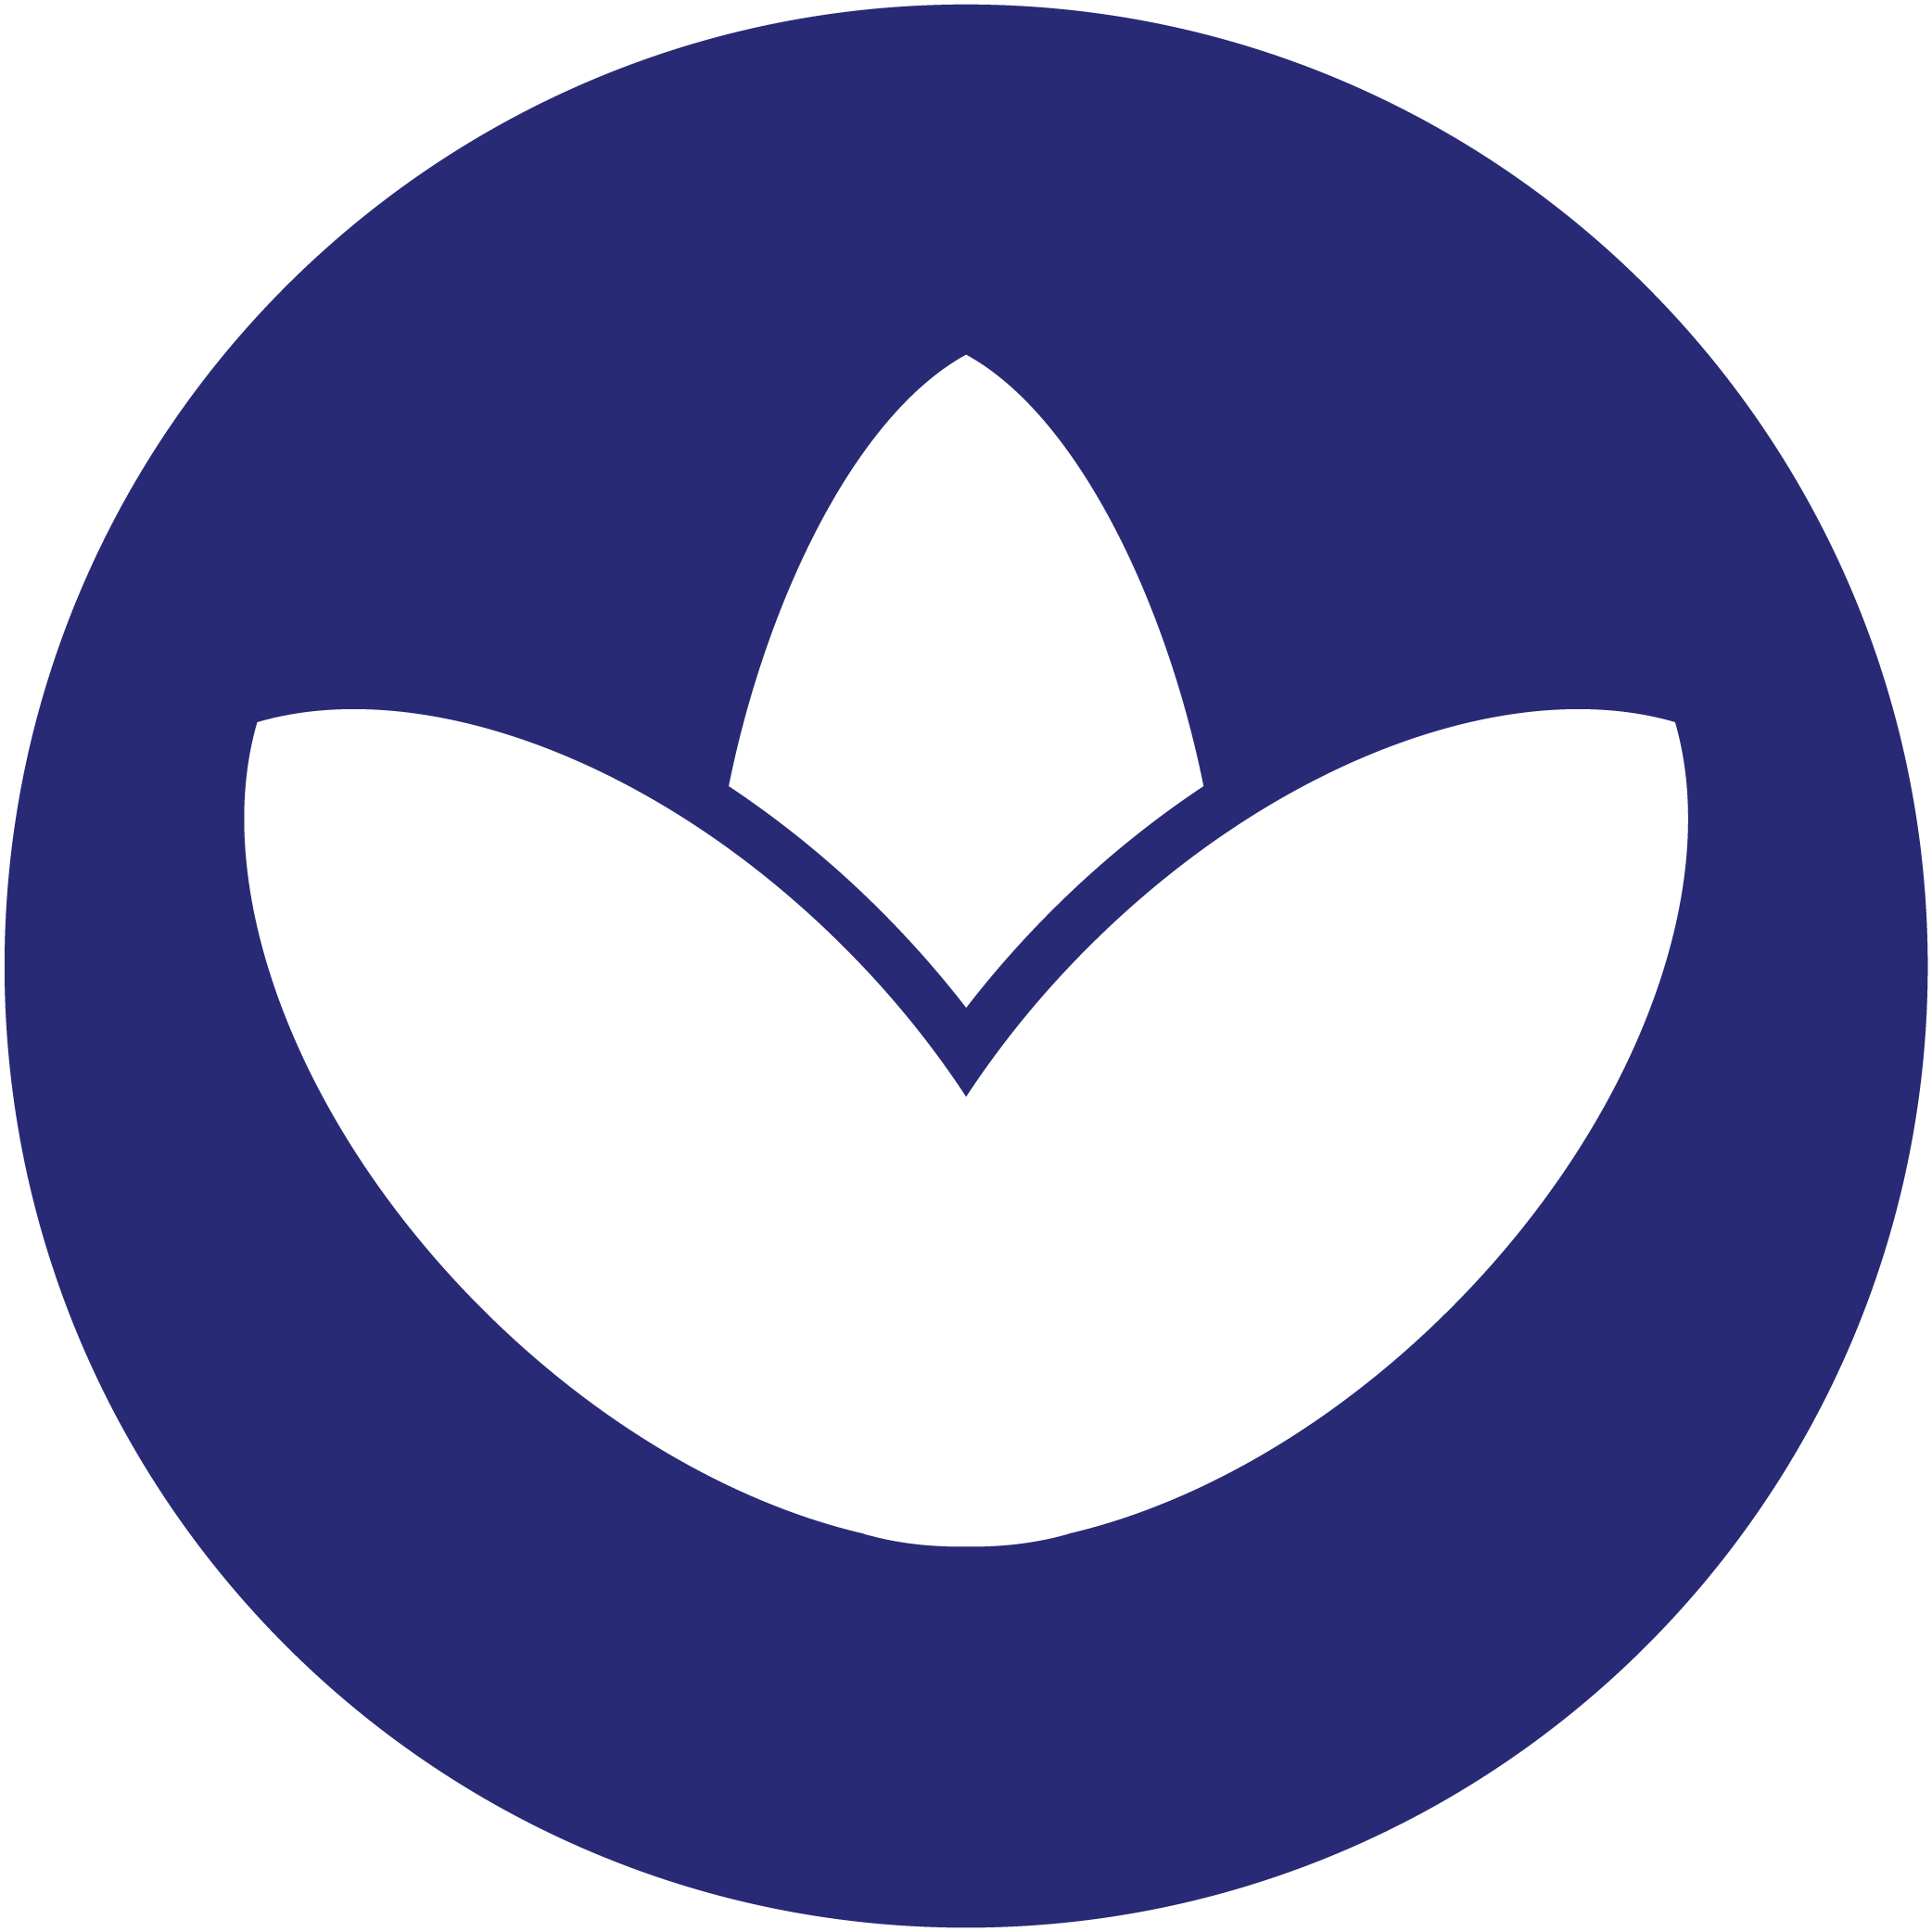 weetabix_sustainability-report_2020_Icons-01